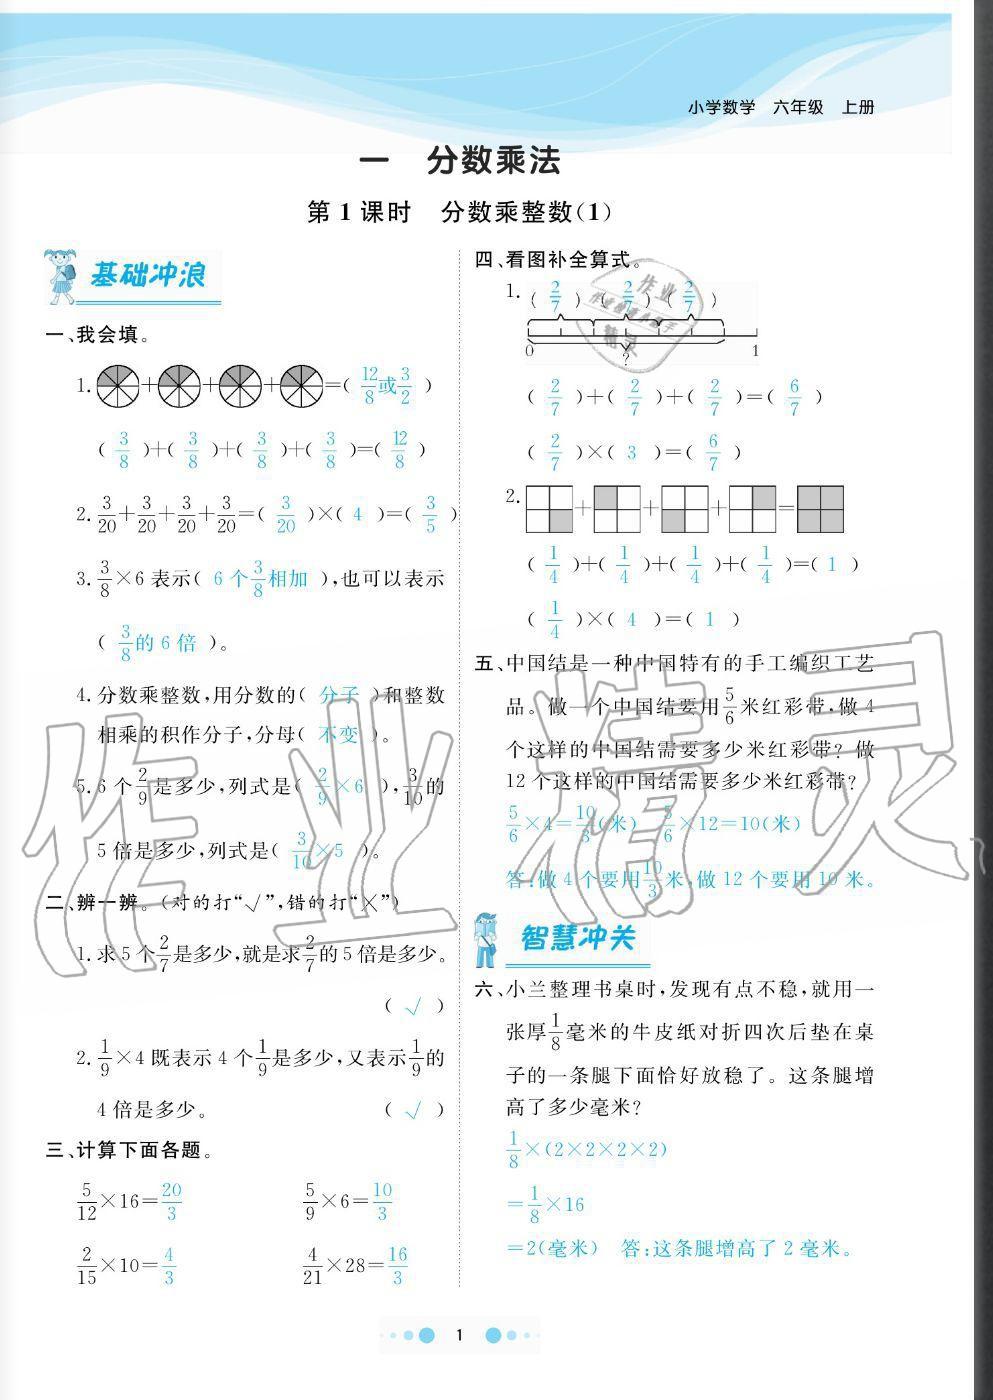 2020年阳光通道六年级数学上册人教版参考答案第1页